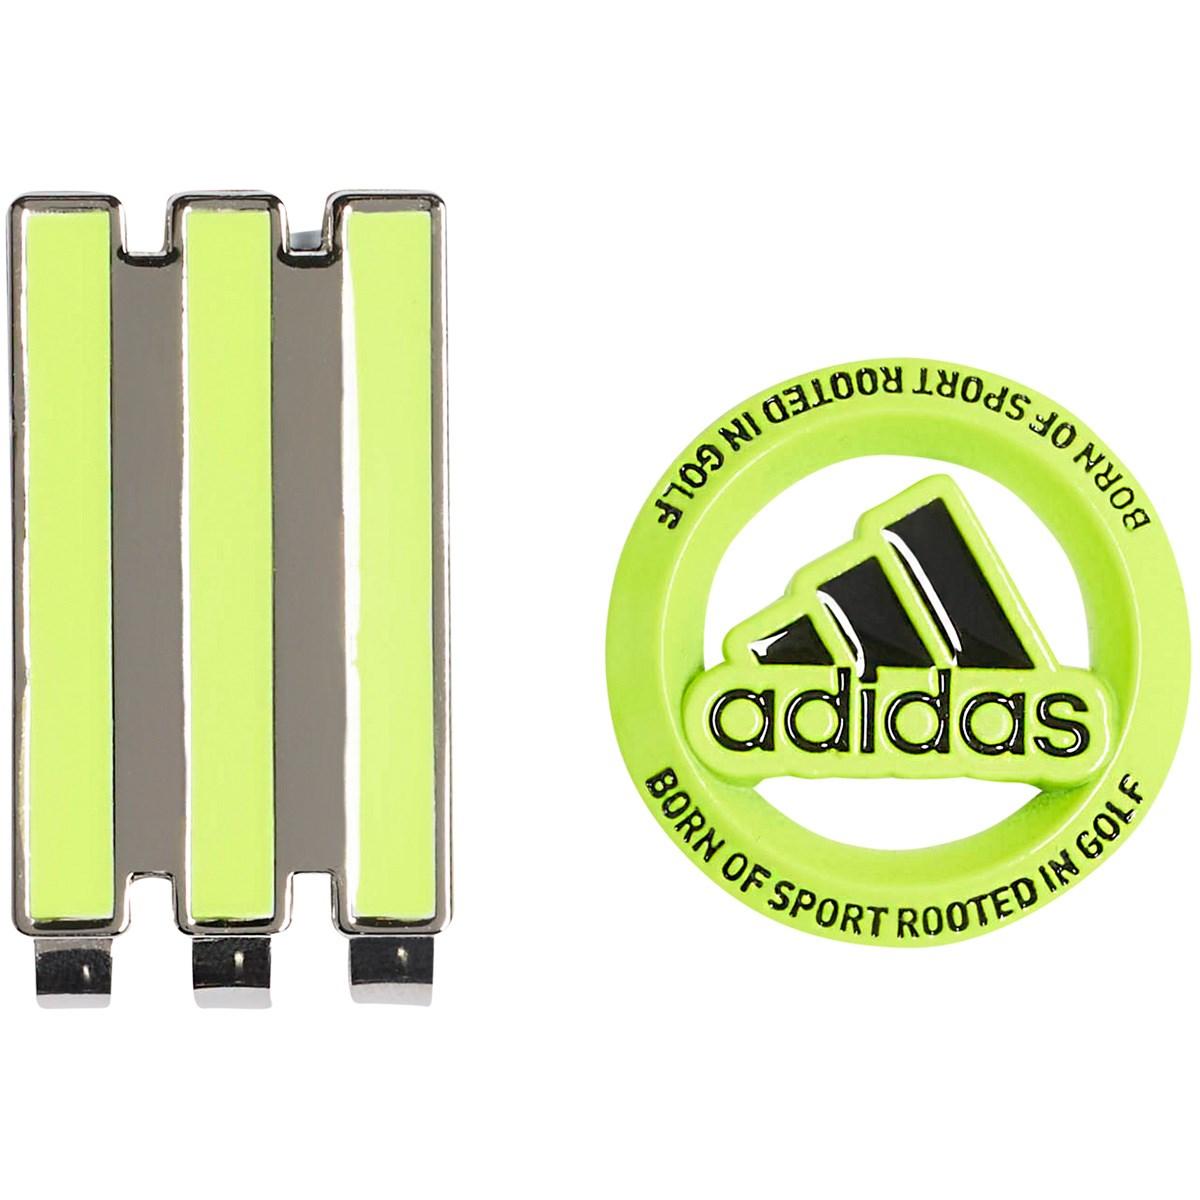 アディダス Adidas ネオンカラークリップマーカー イエロー